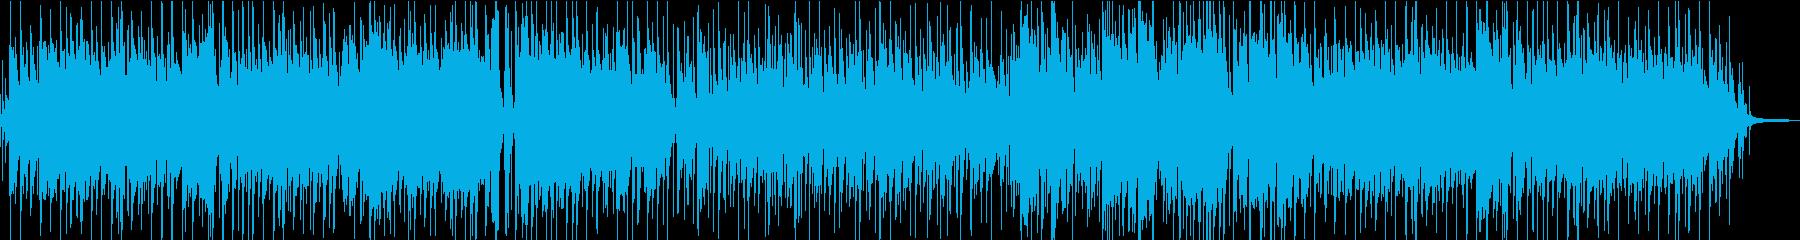 優しく軽快なトランペットジャズワルツの再生済みの波形